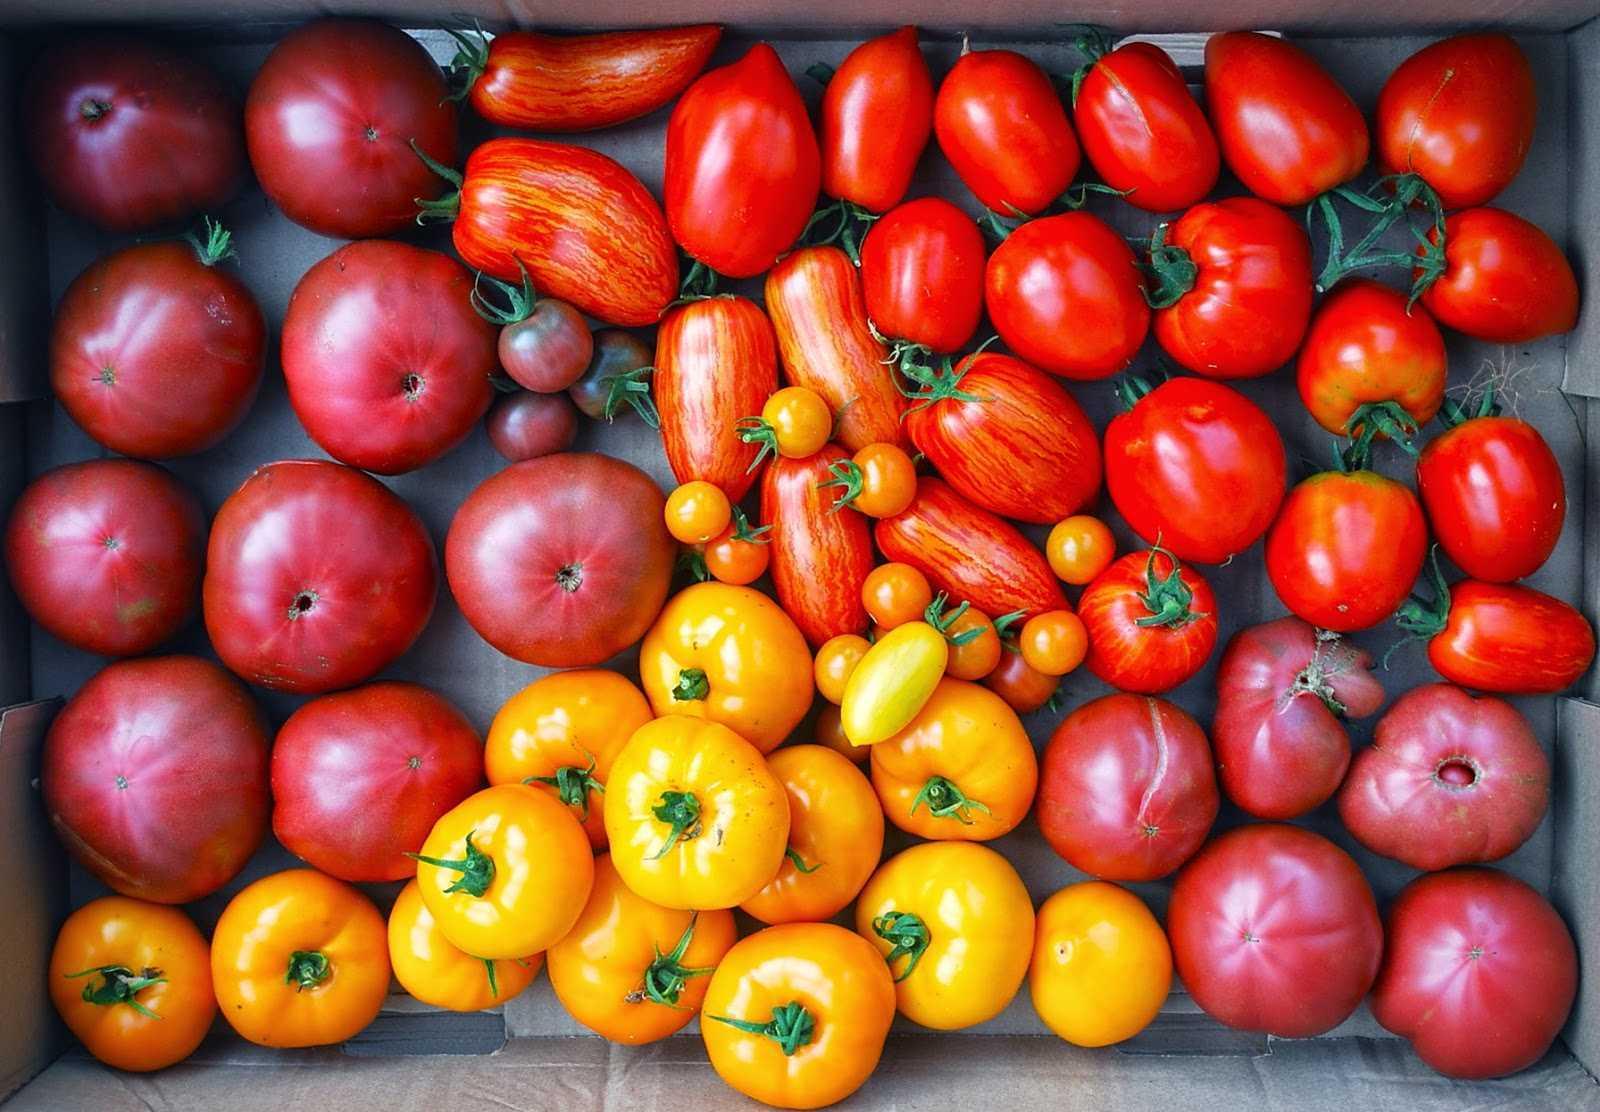 все помидоры можно поливать слабым раствором йода